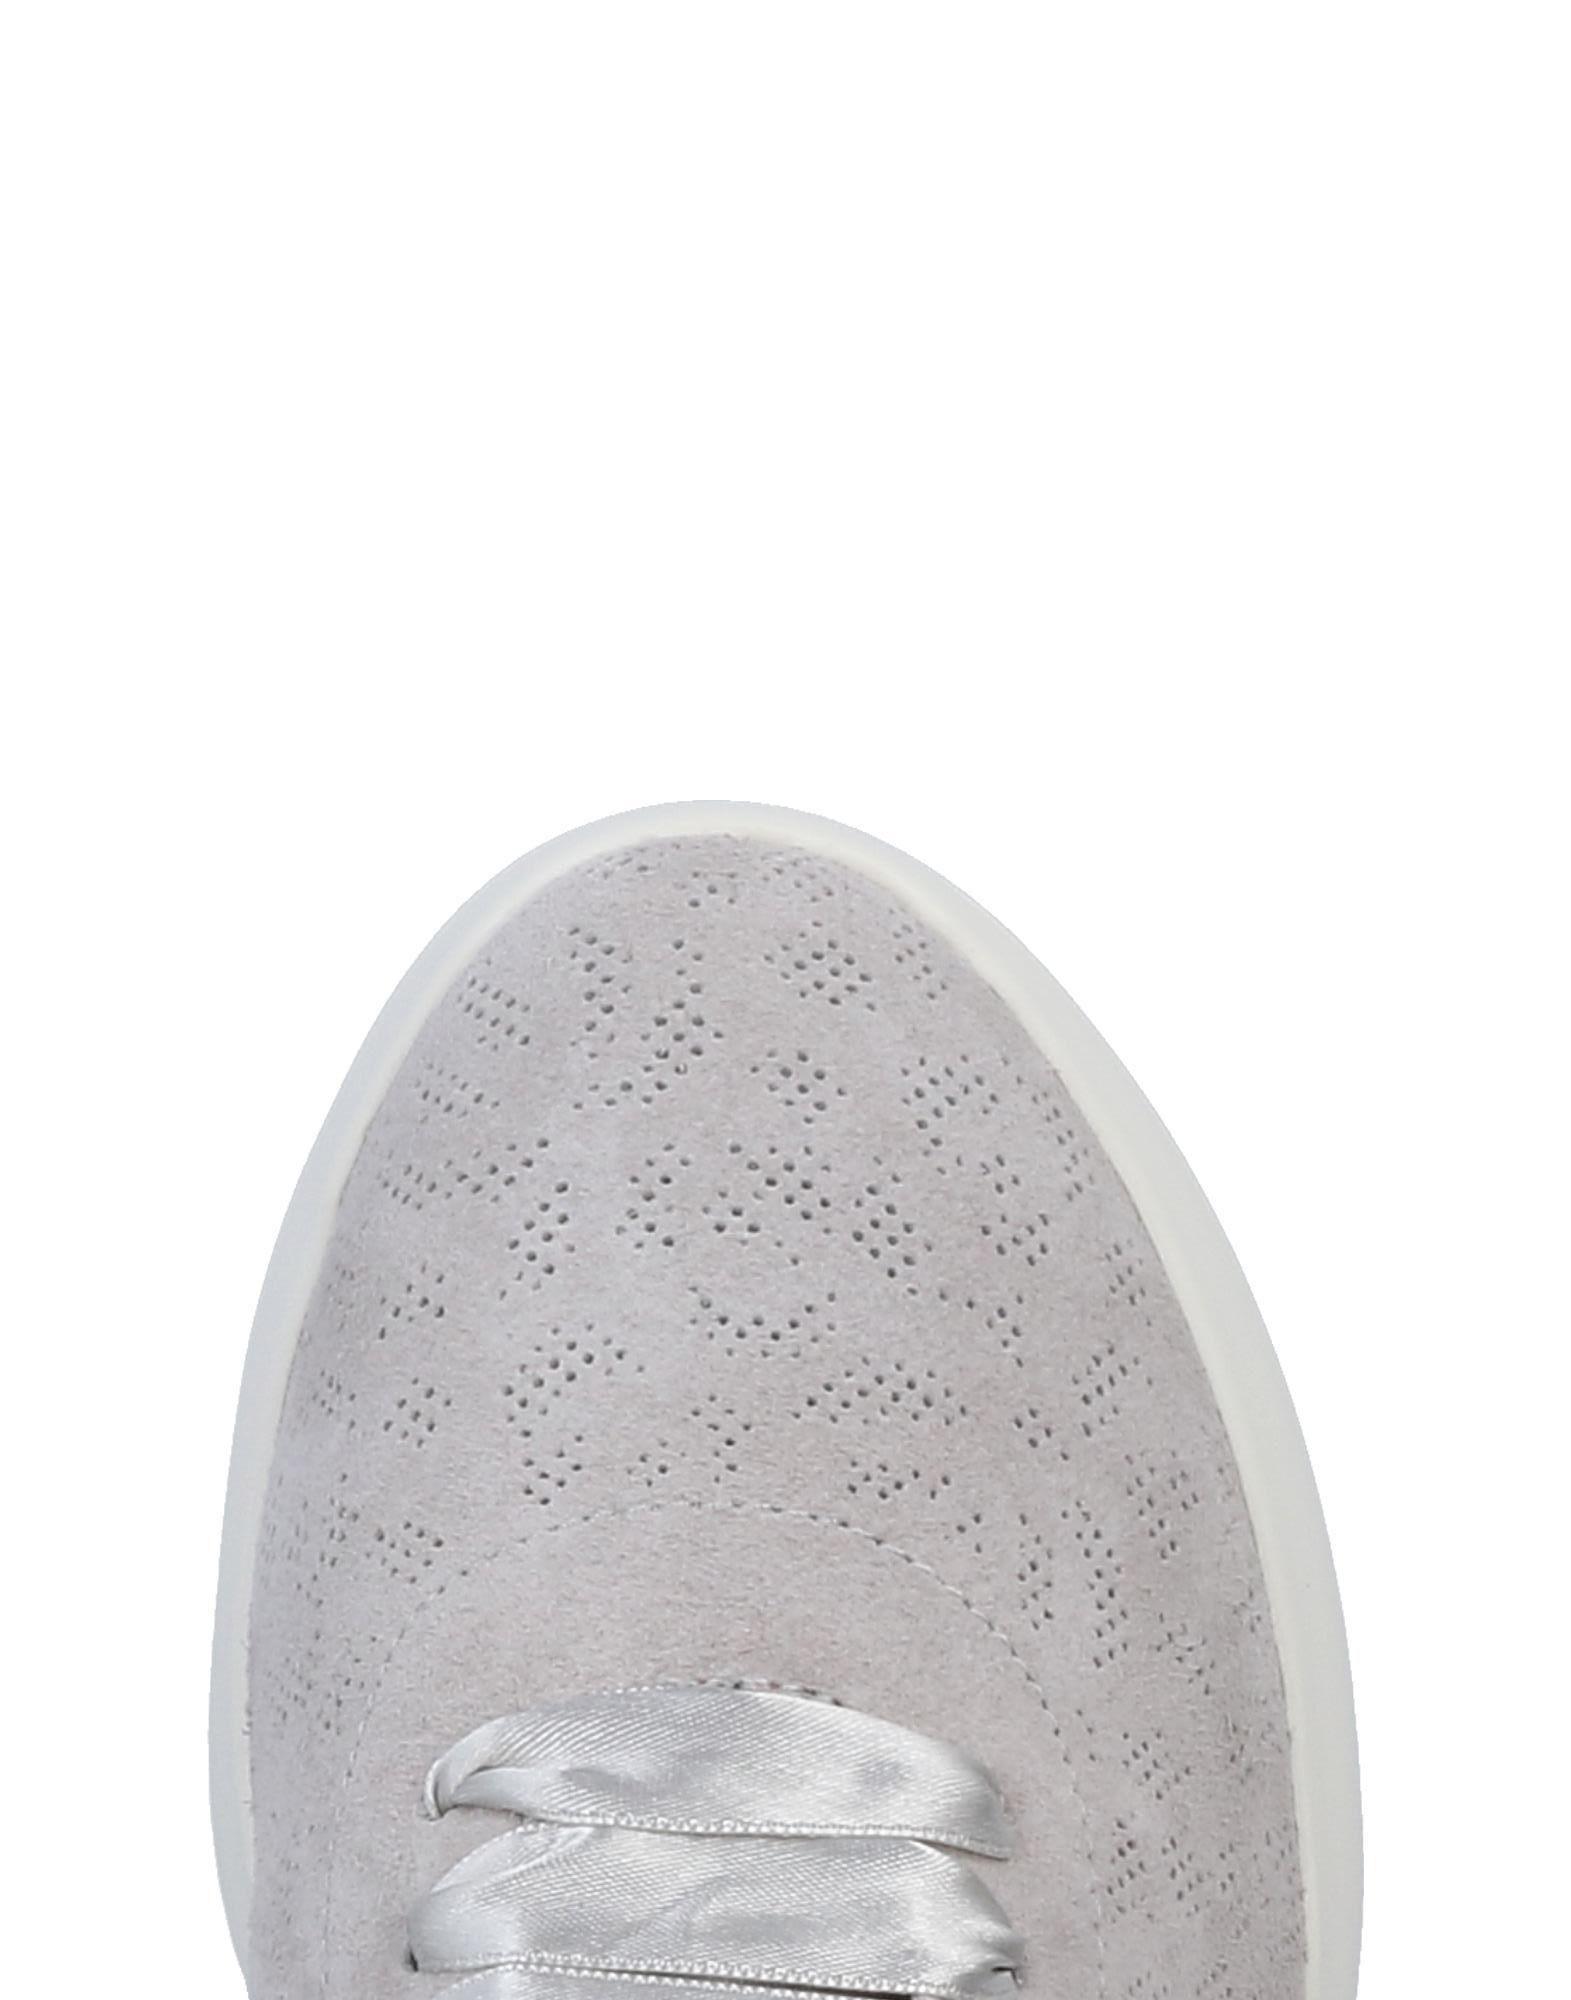 Geox Sneakers Damen Qualität  11453363LA Gute Qualität Damen beliebte Schuhe 216a4e